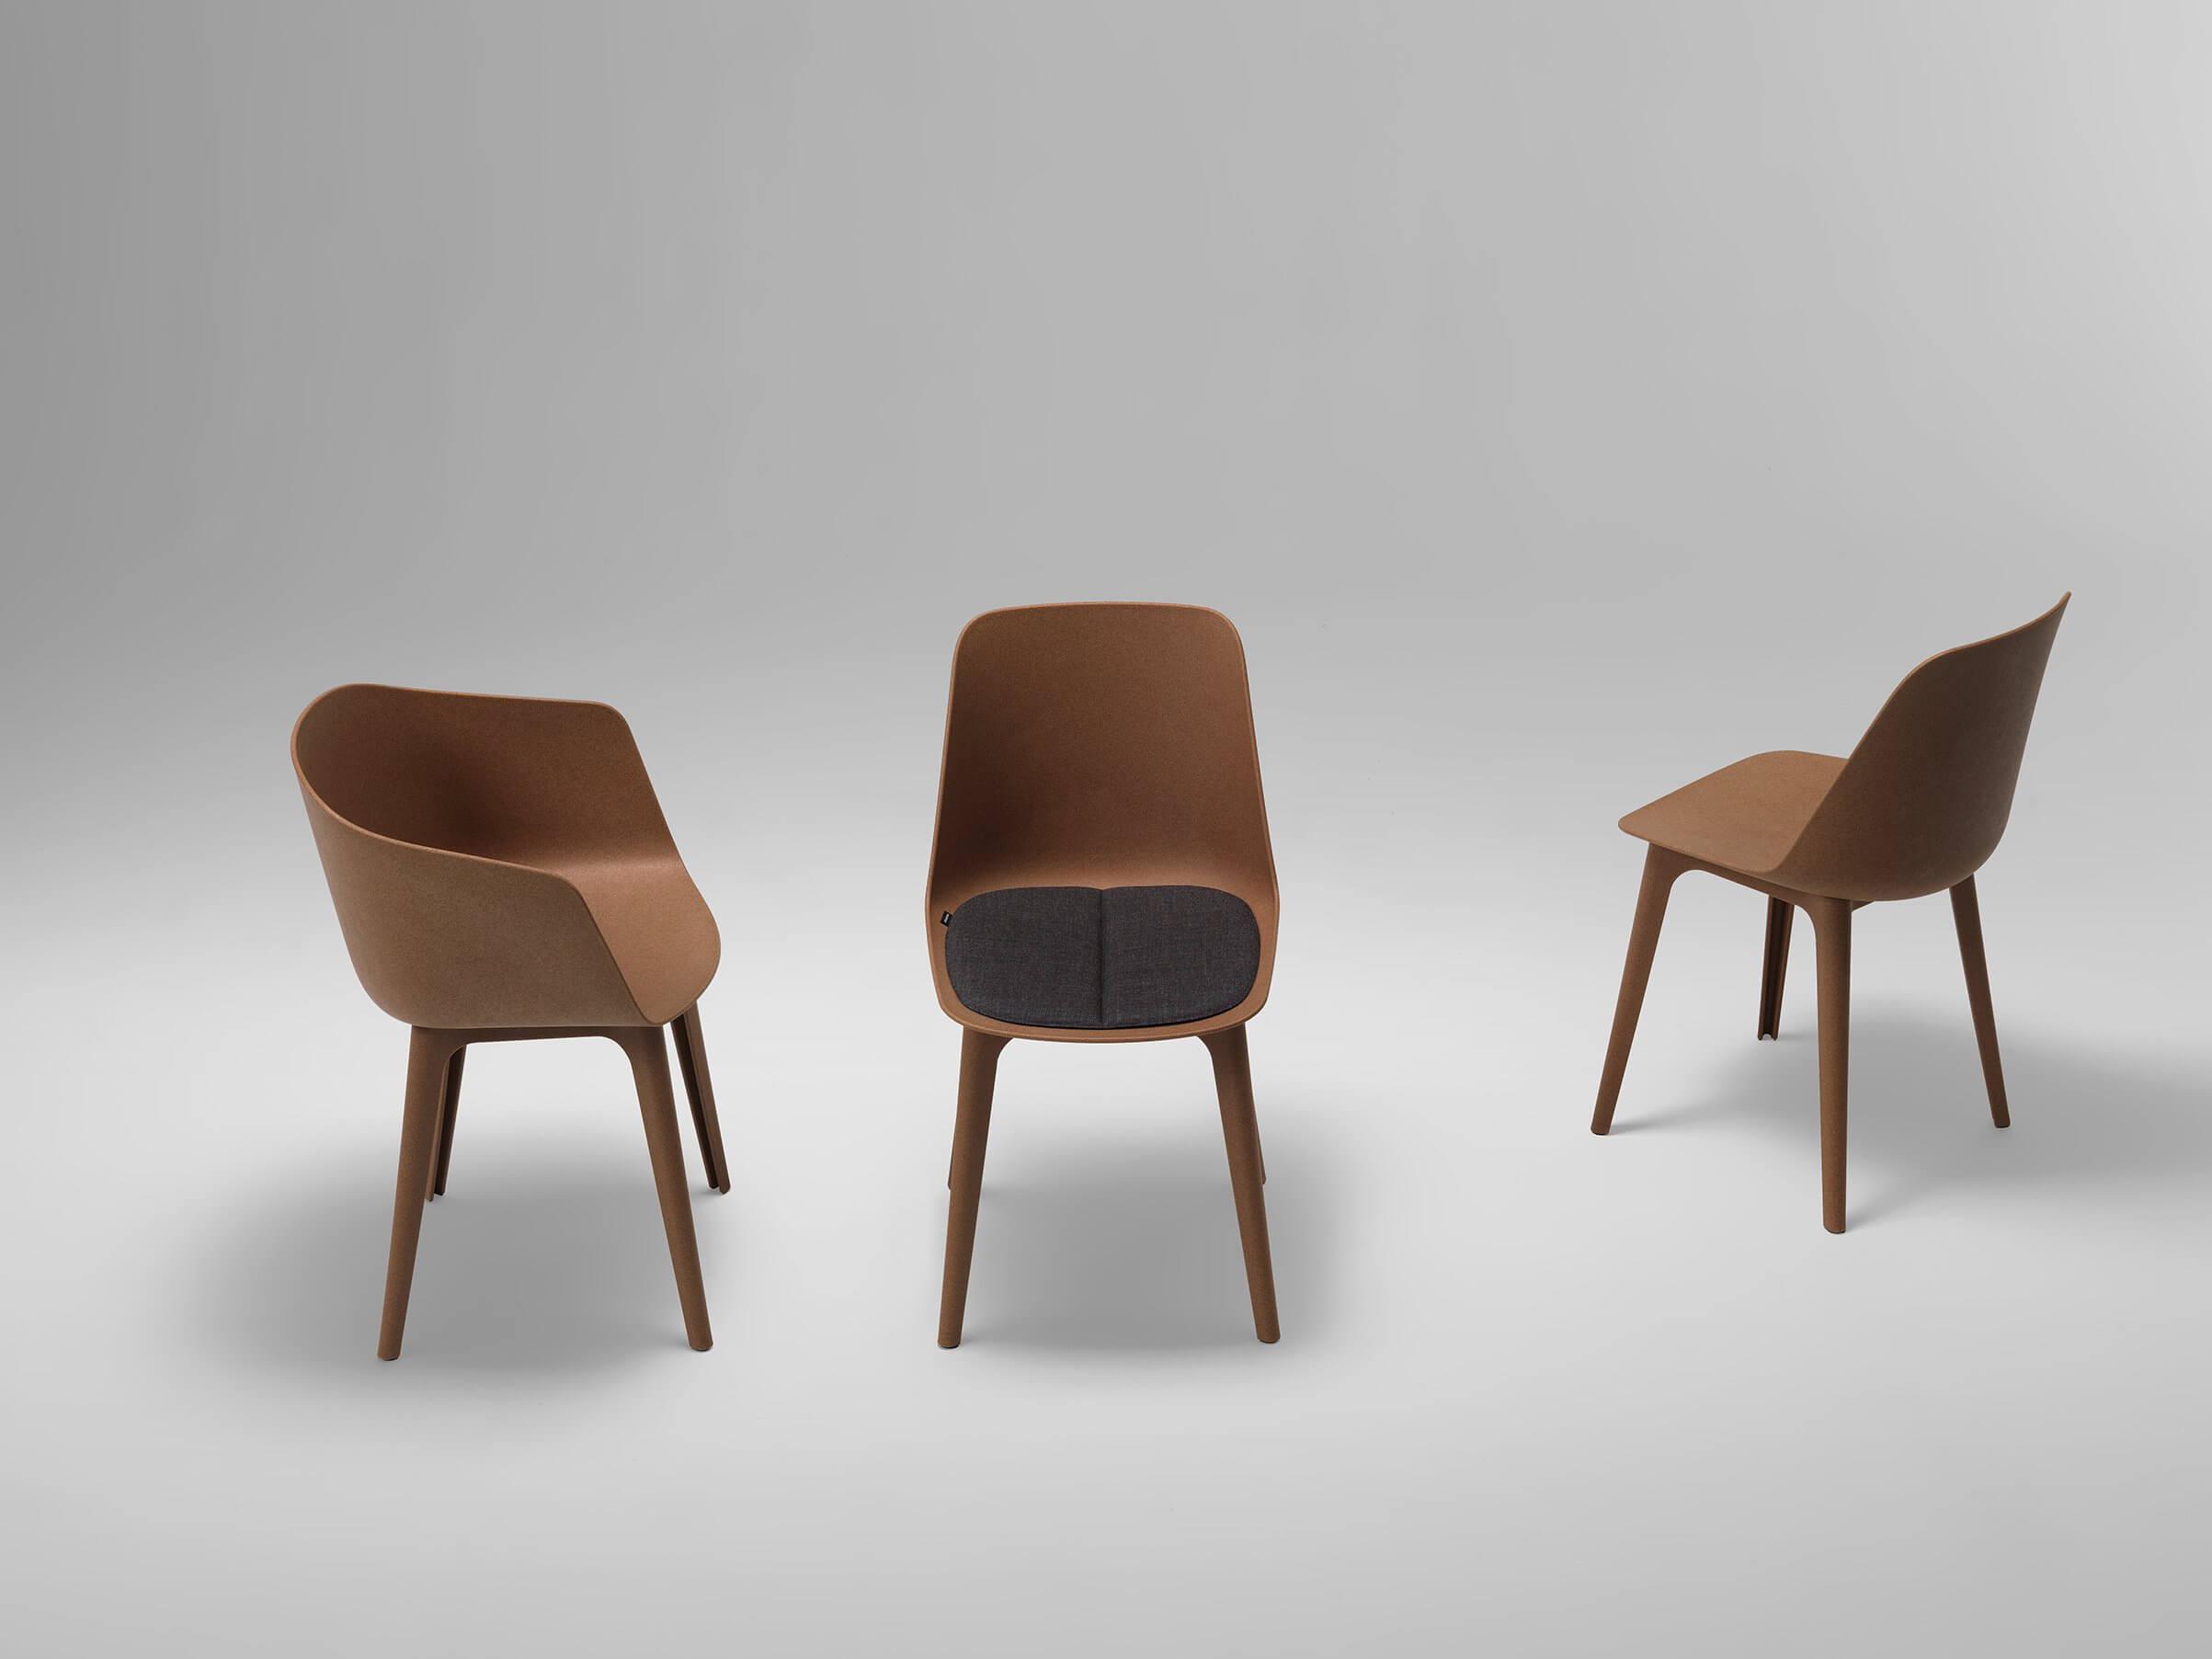 Chaise design et économie circulaire